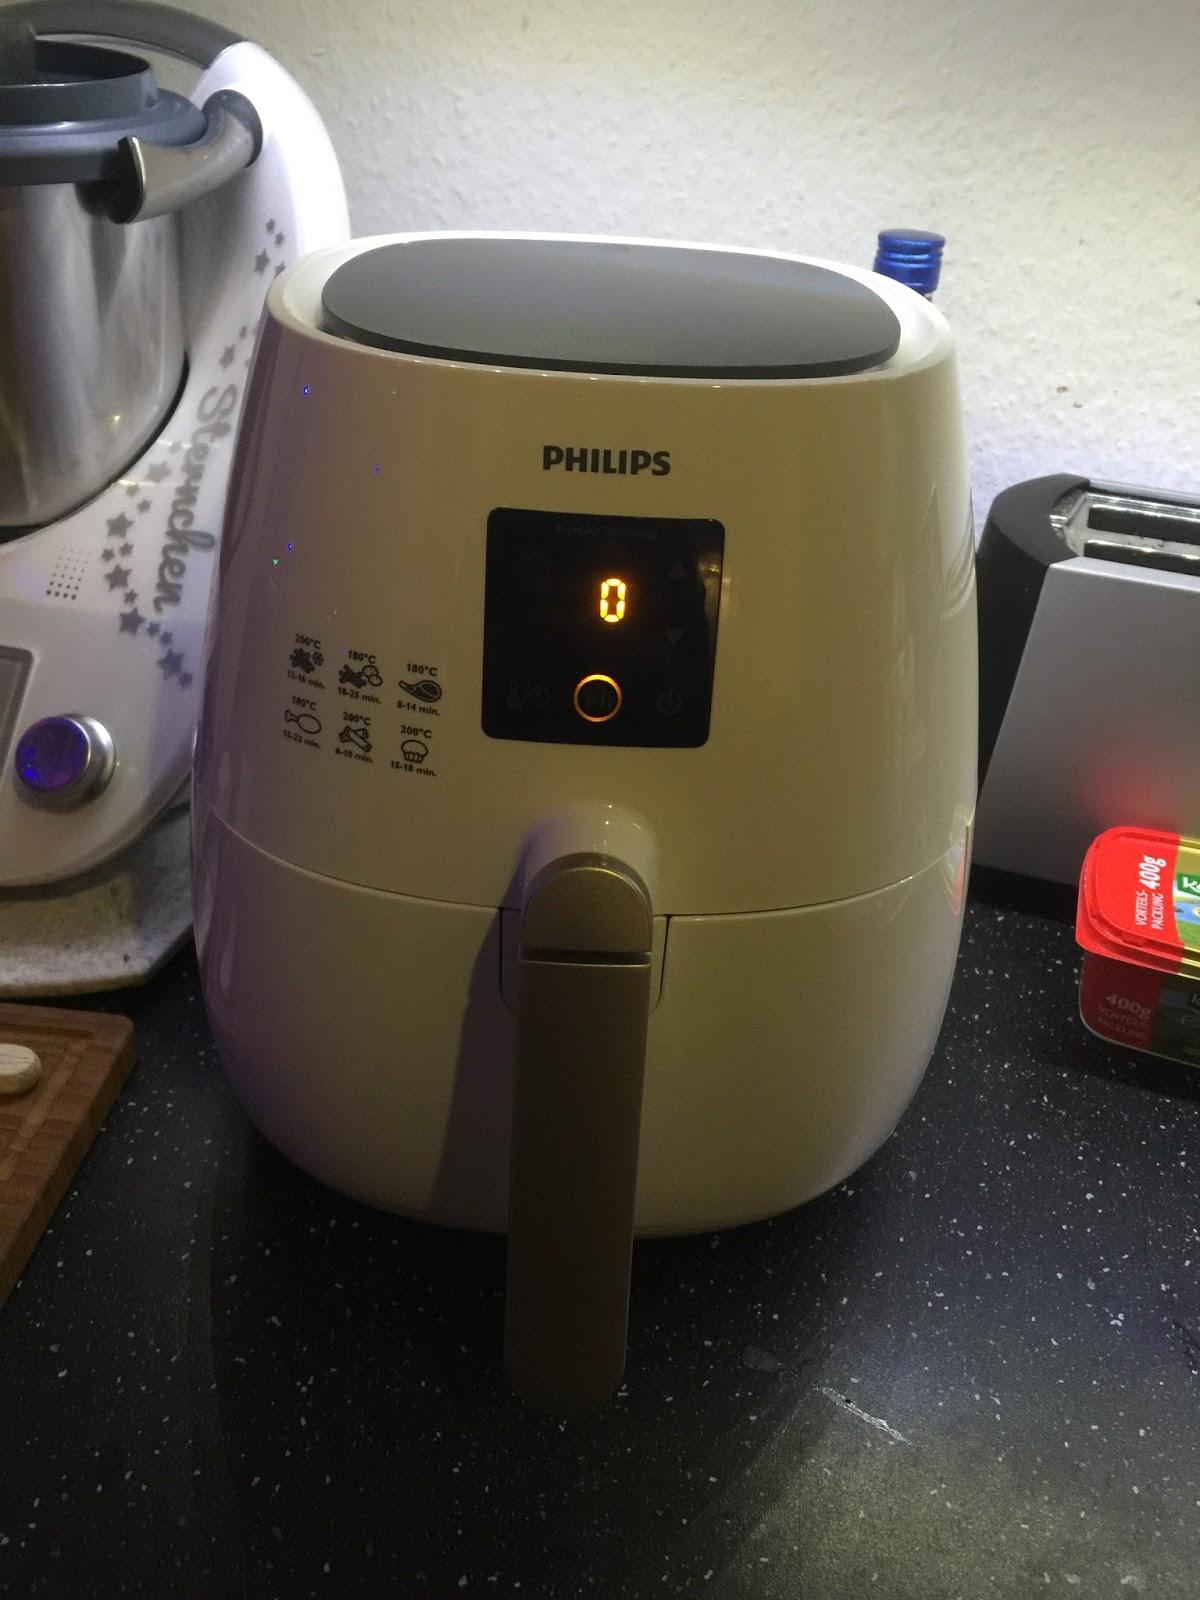 Thermosternchen: Die Entdeckung des Jahres 2015 Philips HD9230/50 ...